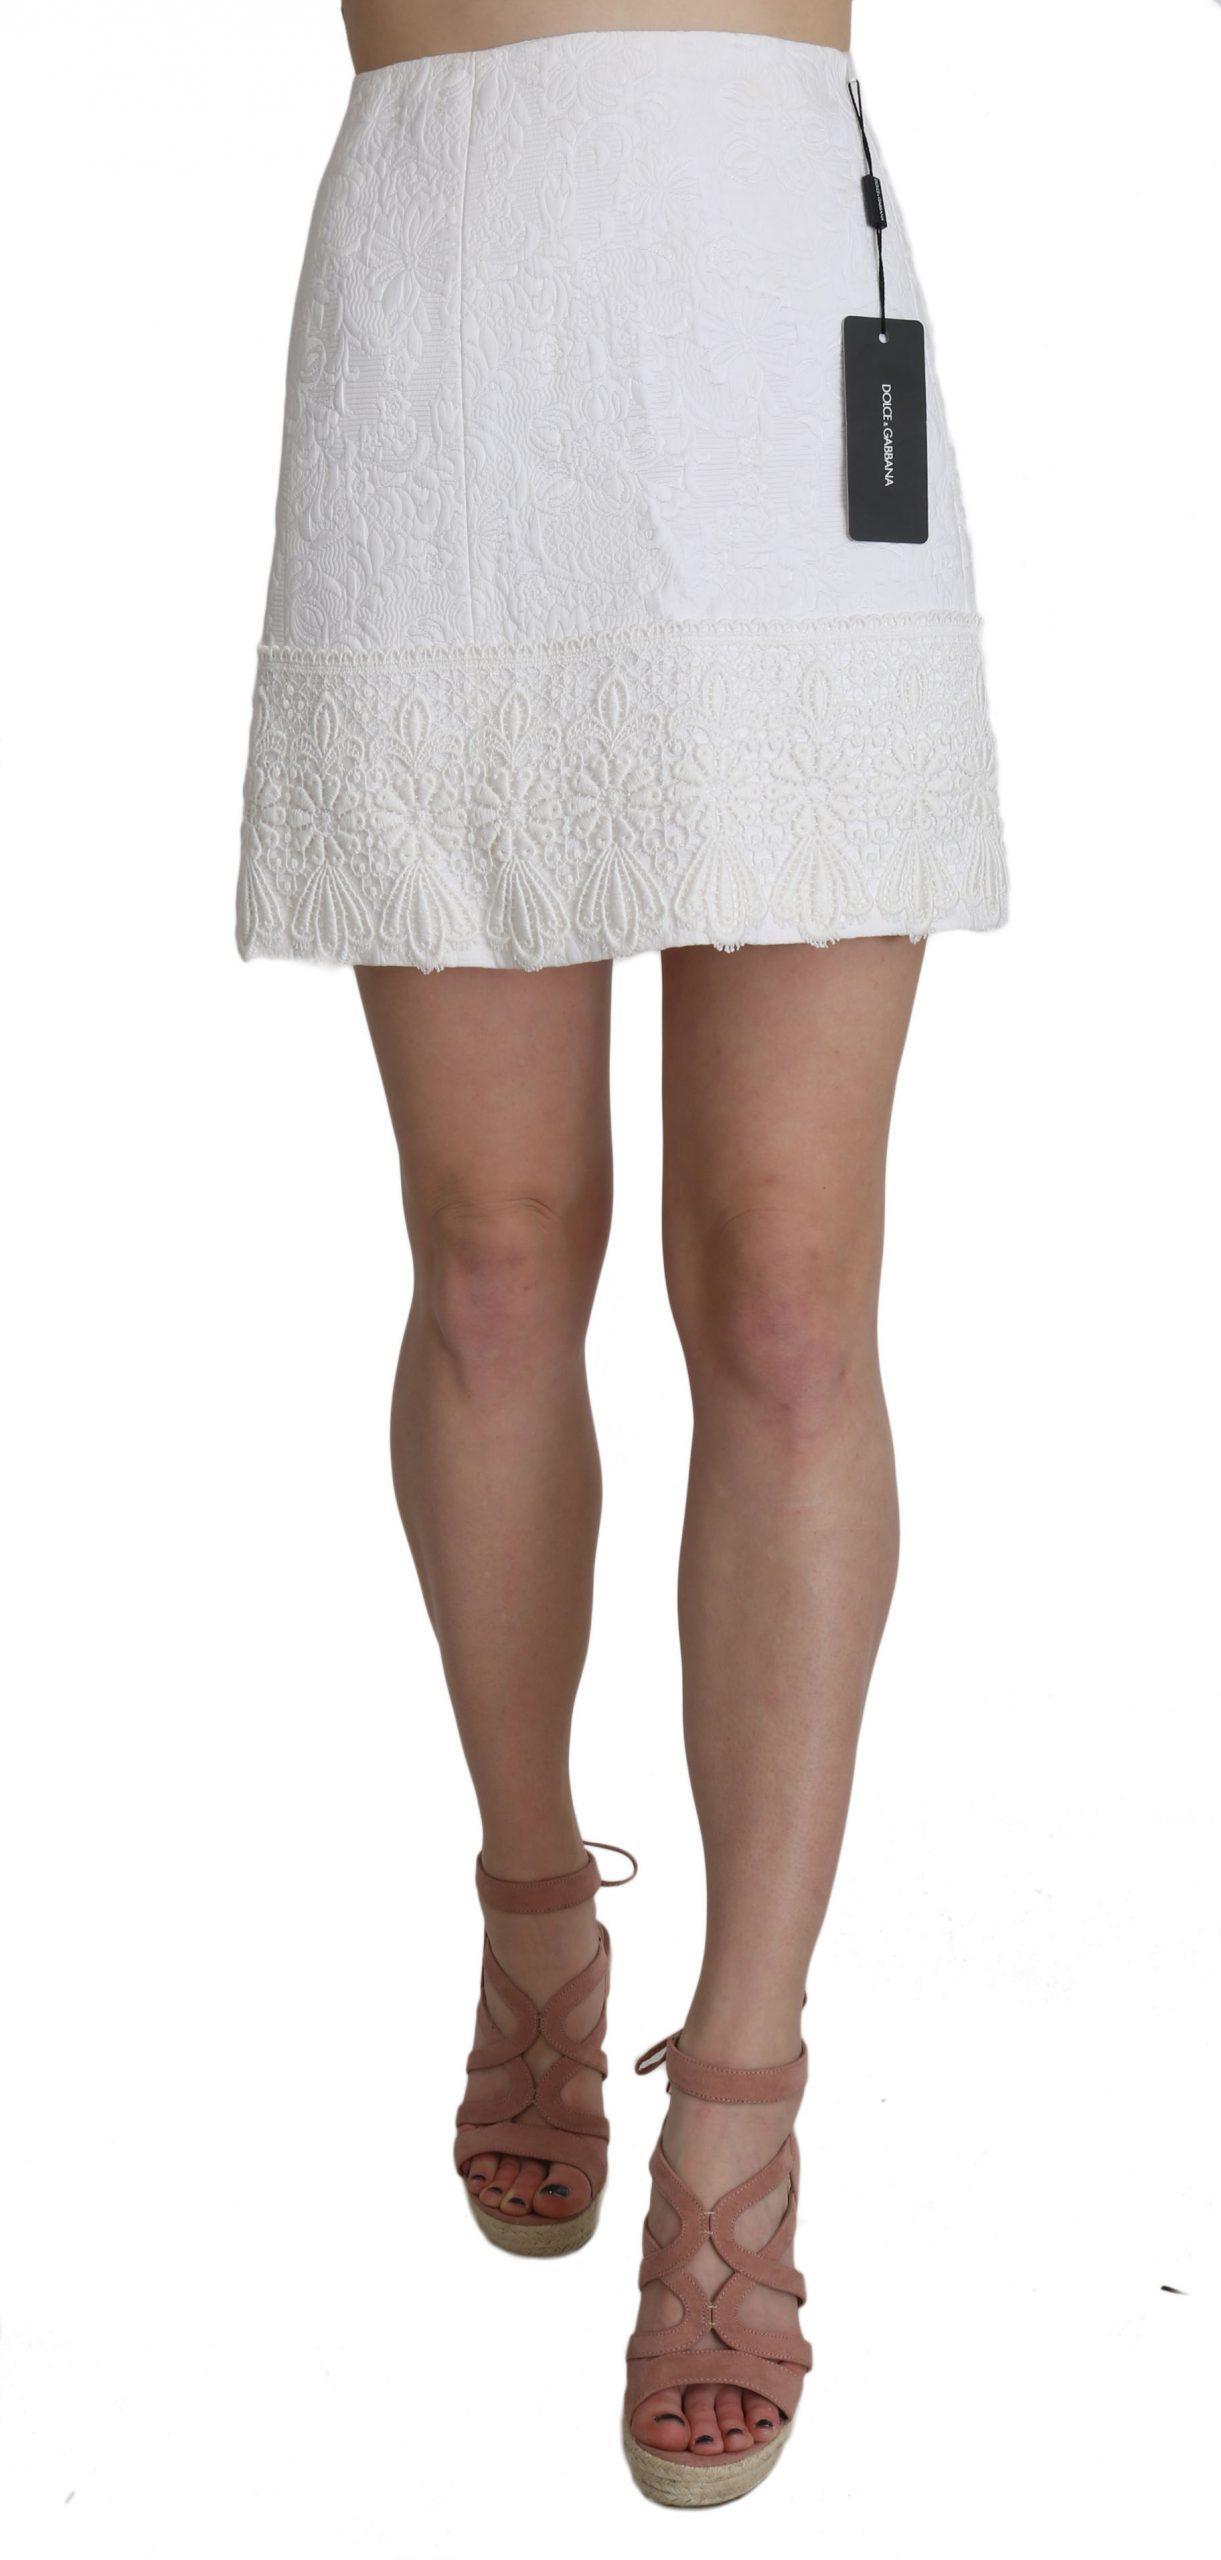 Dolce & Gabbana Women's Skirt White SKI1198 - IT36 XXS